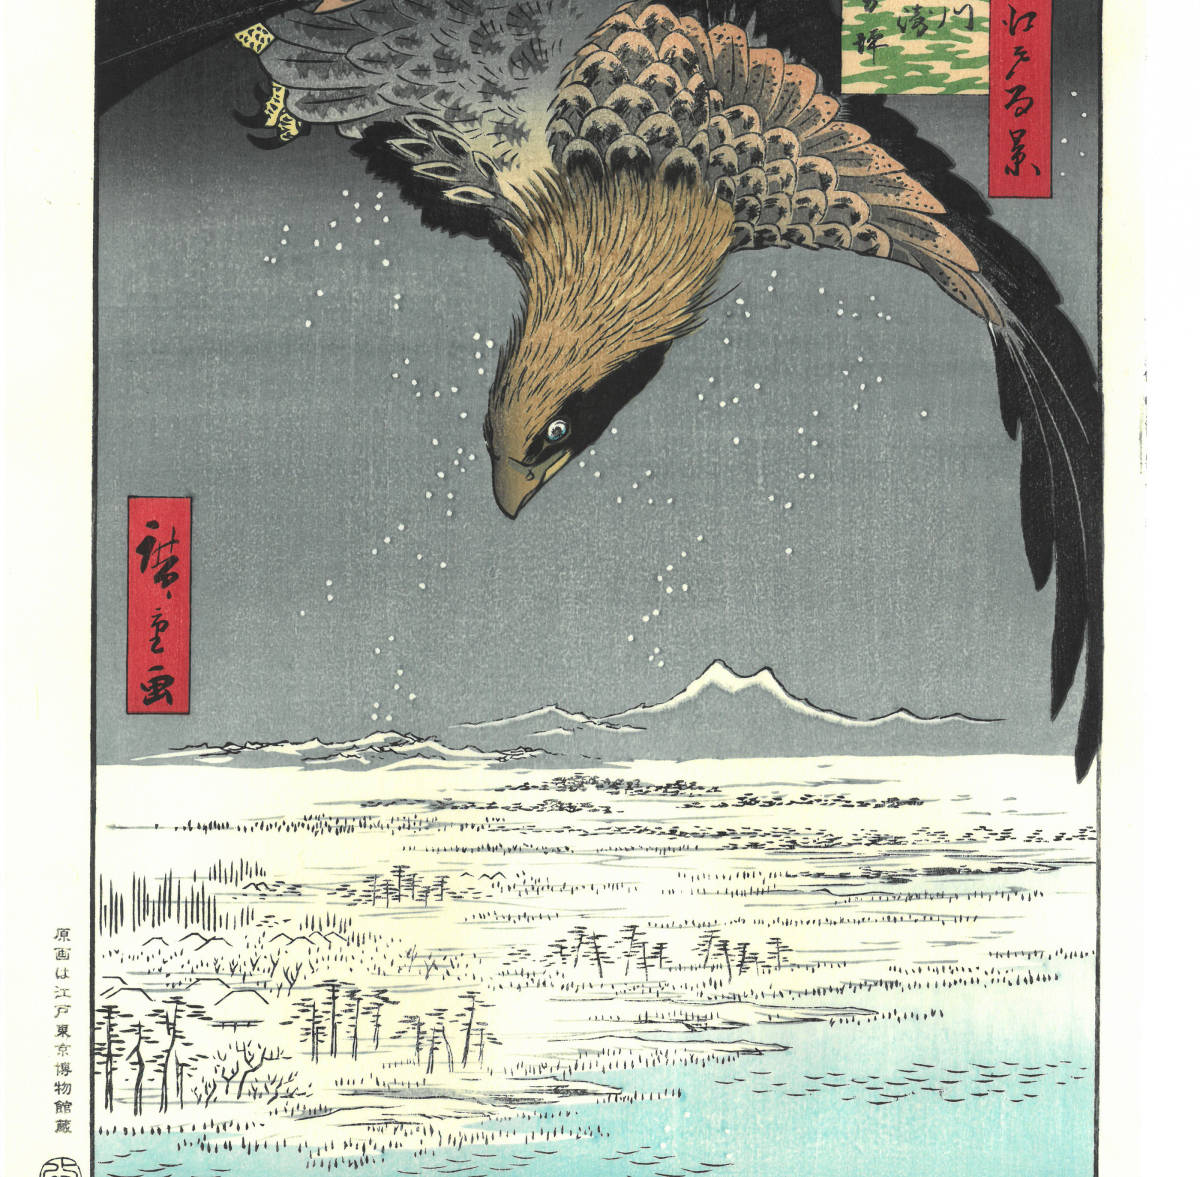 歌川広重 (Utagawa Hiroshige) 木版画 江戸百景 #108. 深川州崎十万坪  初版1856-58年頃  広重の木版画の真の素晴らしさをご堪能下さい! _画像3